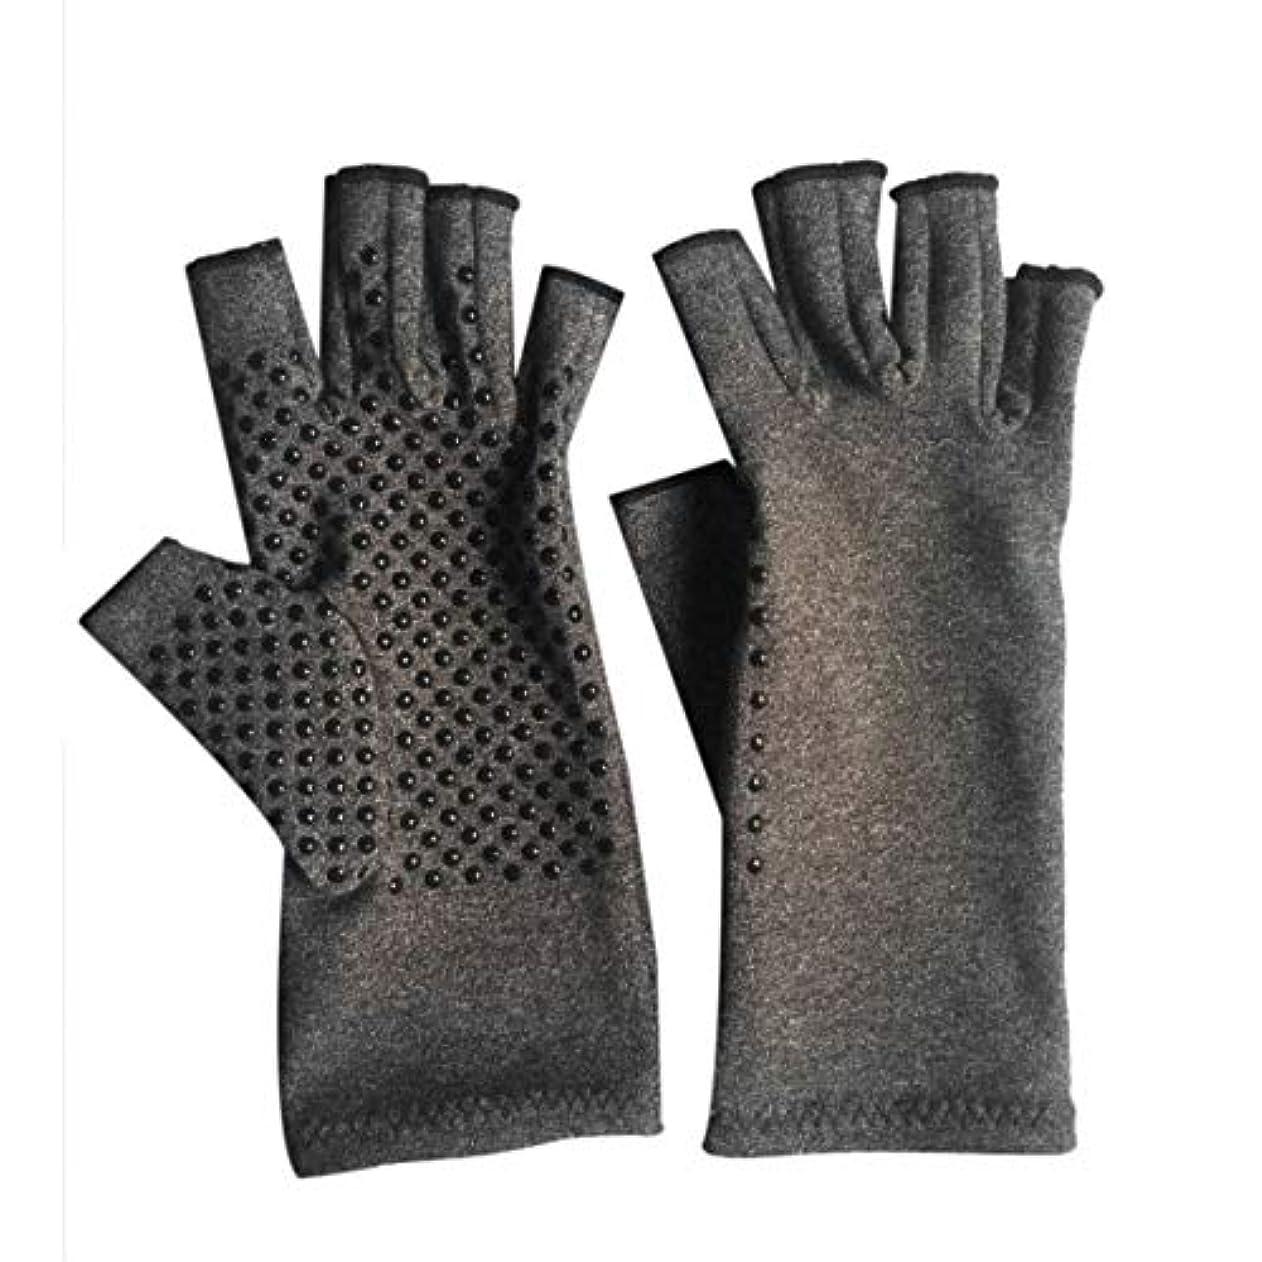 歴史的読み書きのできないスロット1ペアユニセックス男性女性療法圧縮手袋関節炎関節痛緩和ヘルスケア半指手袋トレーニング手袋 - グレーM